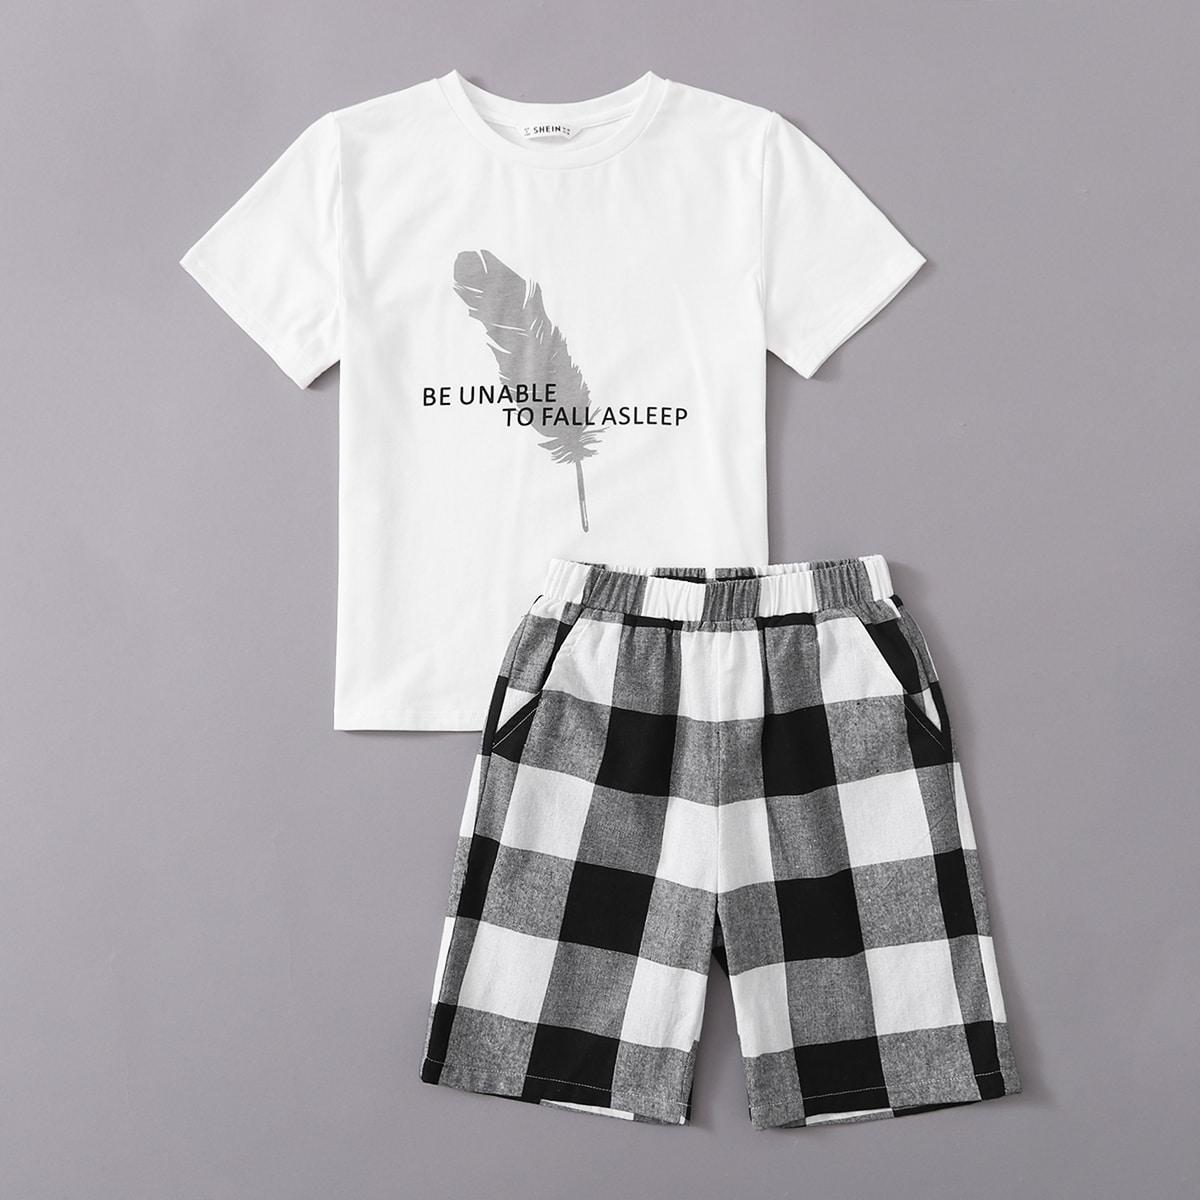 Пижама в клетку с оригинальным принтом для мальчиков от SHEIN